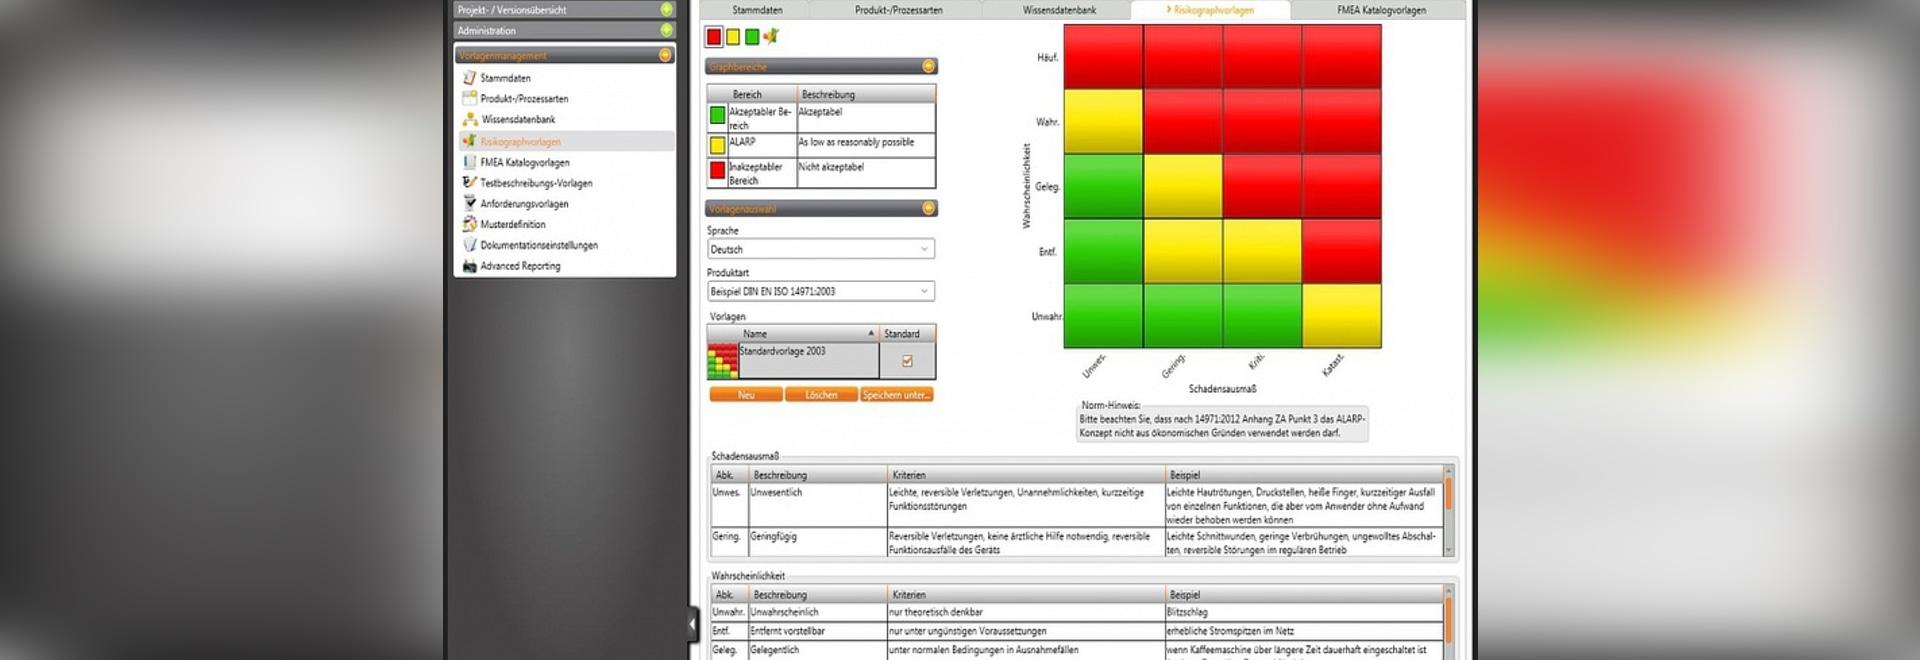 Medizinische Geräte erleichternd, Risikomanagement